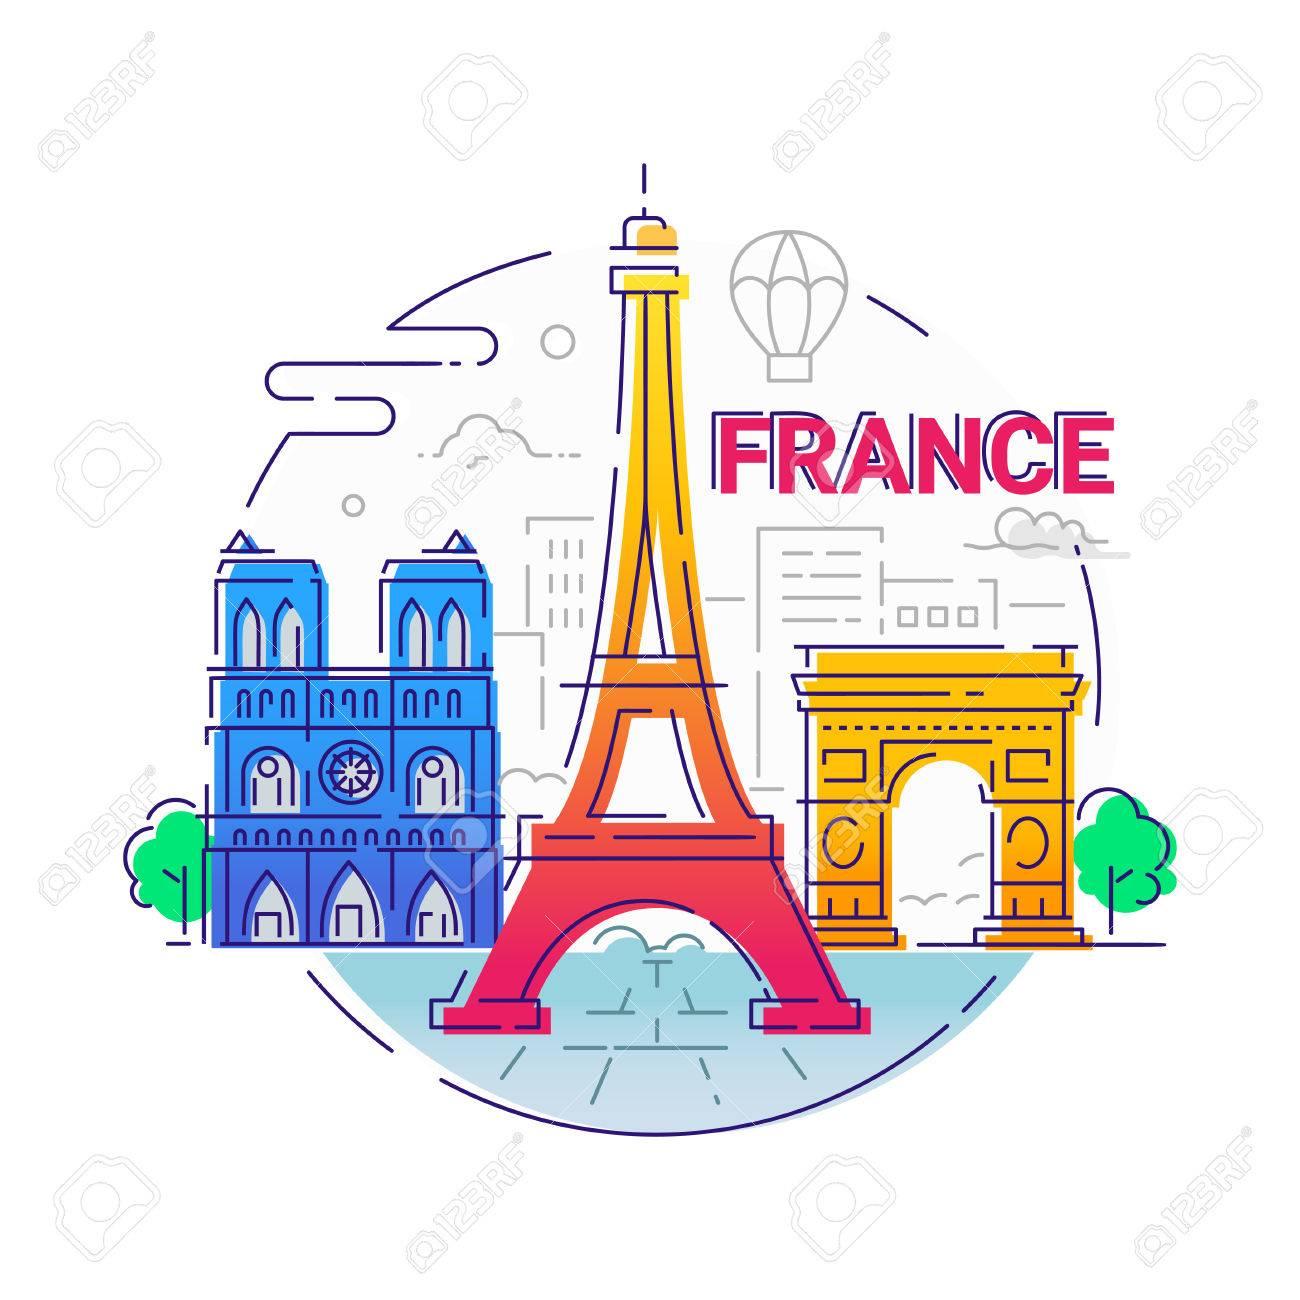 フランス - 現代ベクトル ライン旅行イラスト ロイヤリティフリー